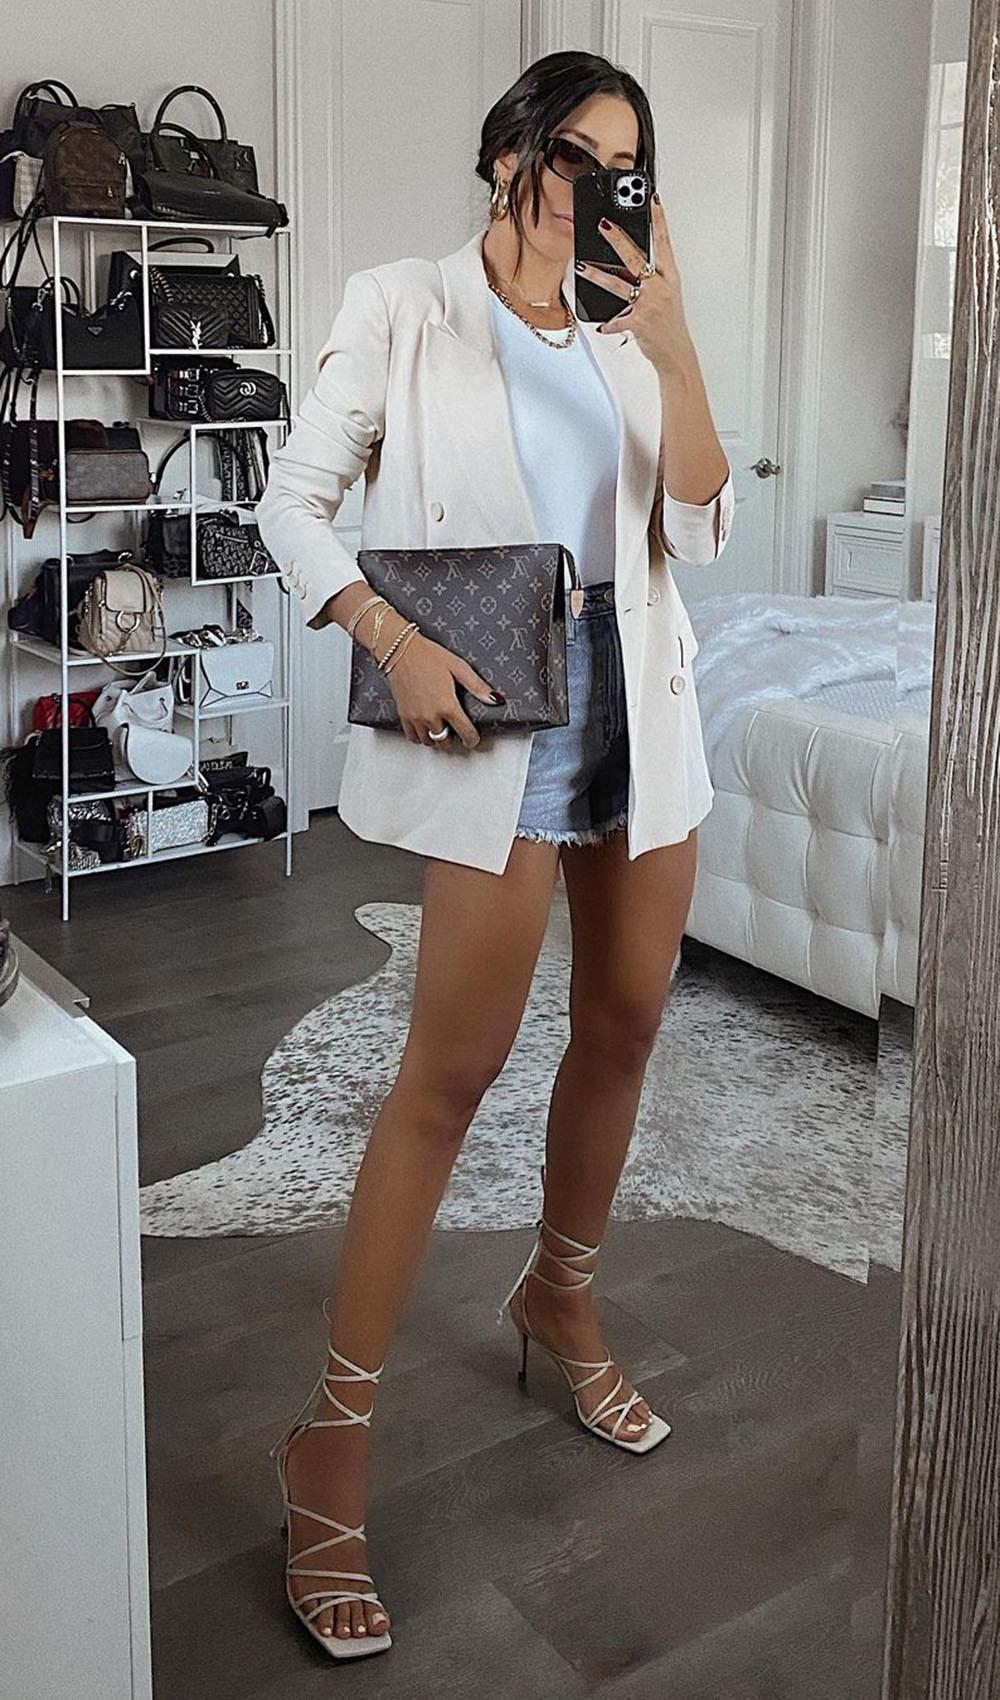 Chique com jeans, blazer branco, blusa branca, short jeans e sandália de tiras